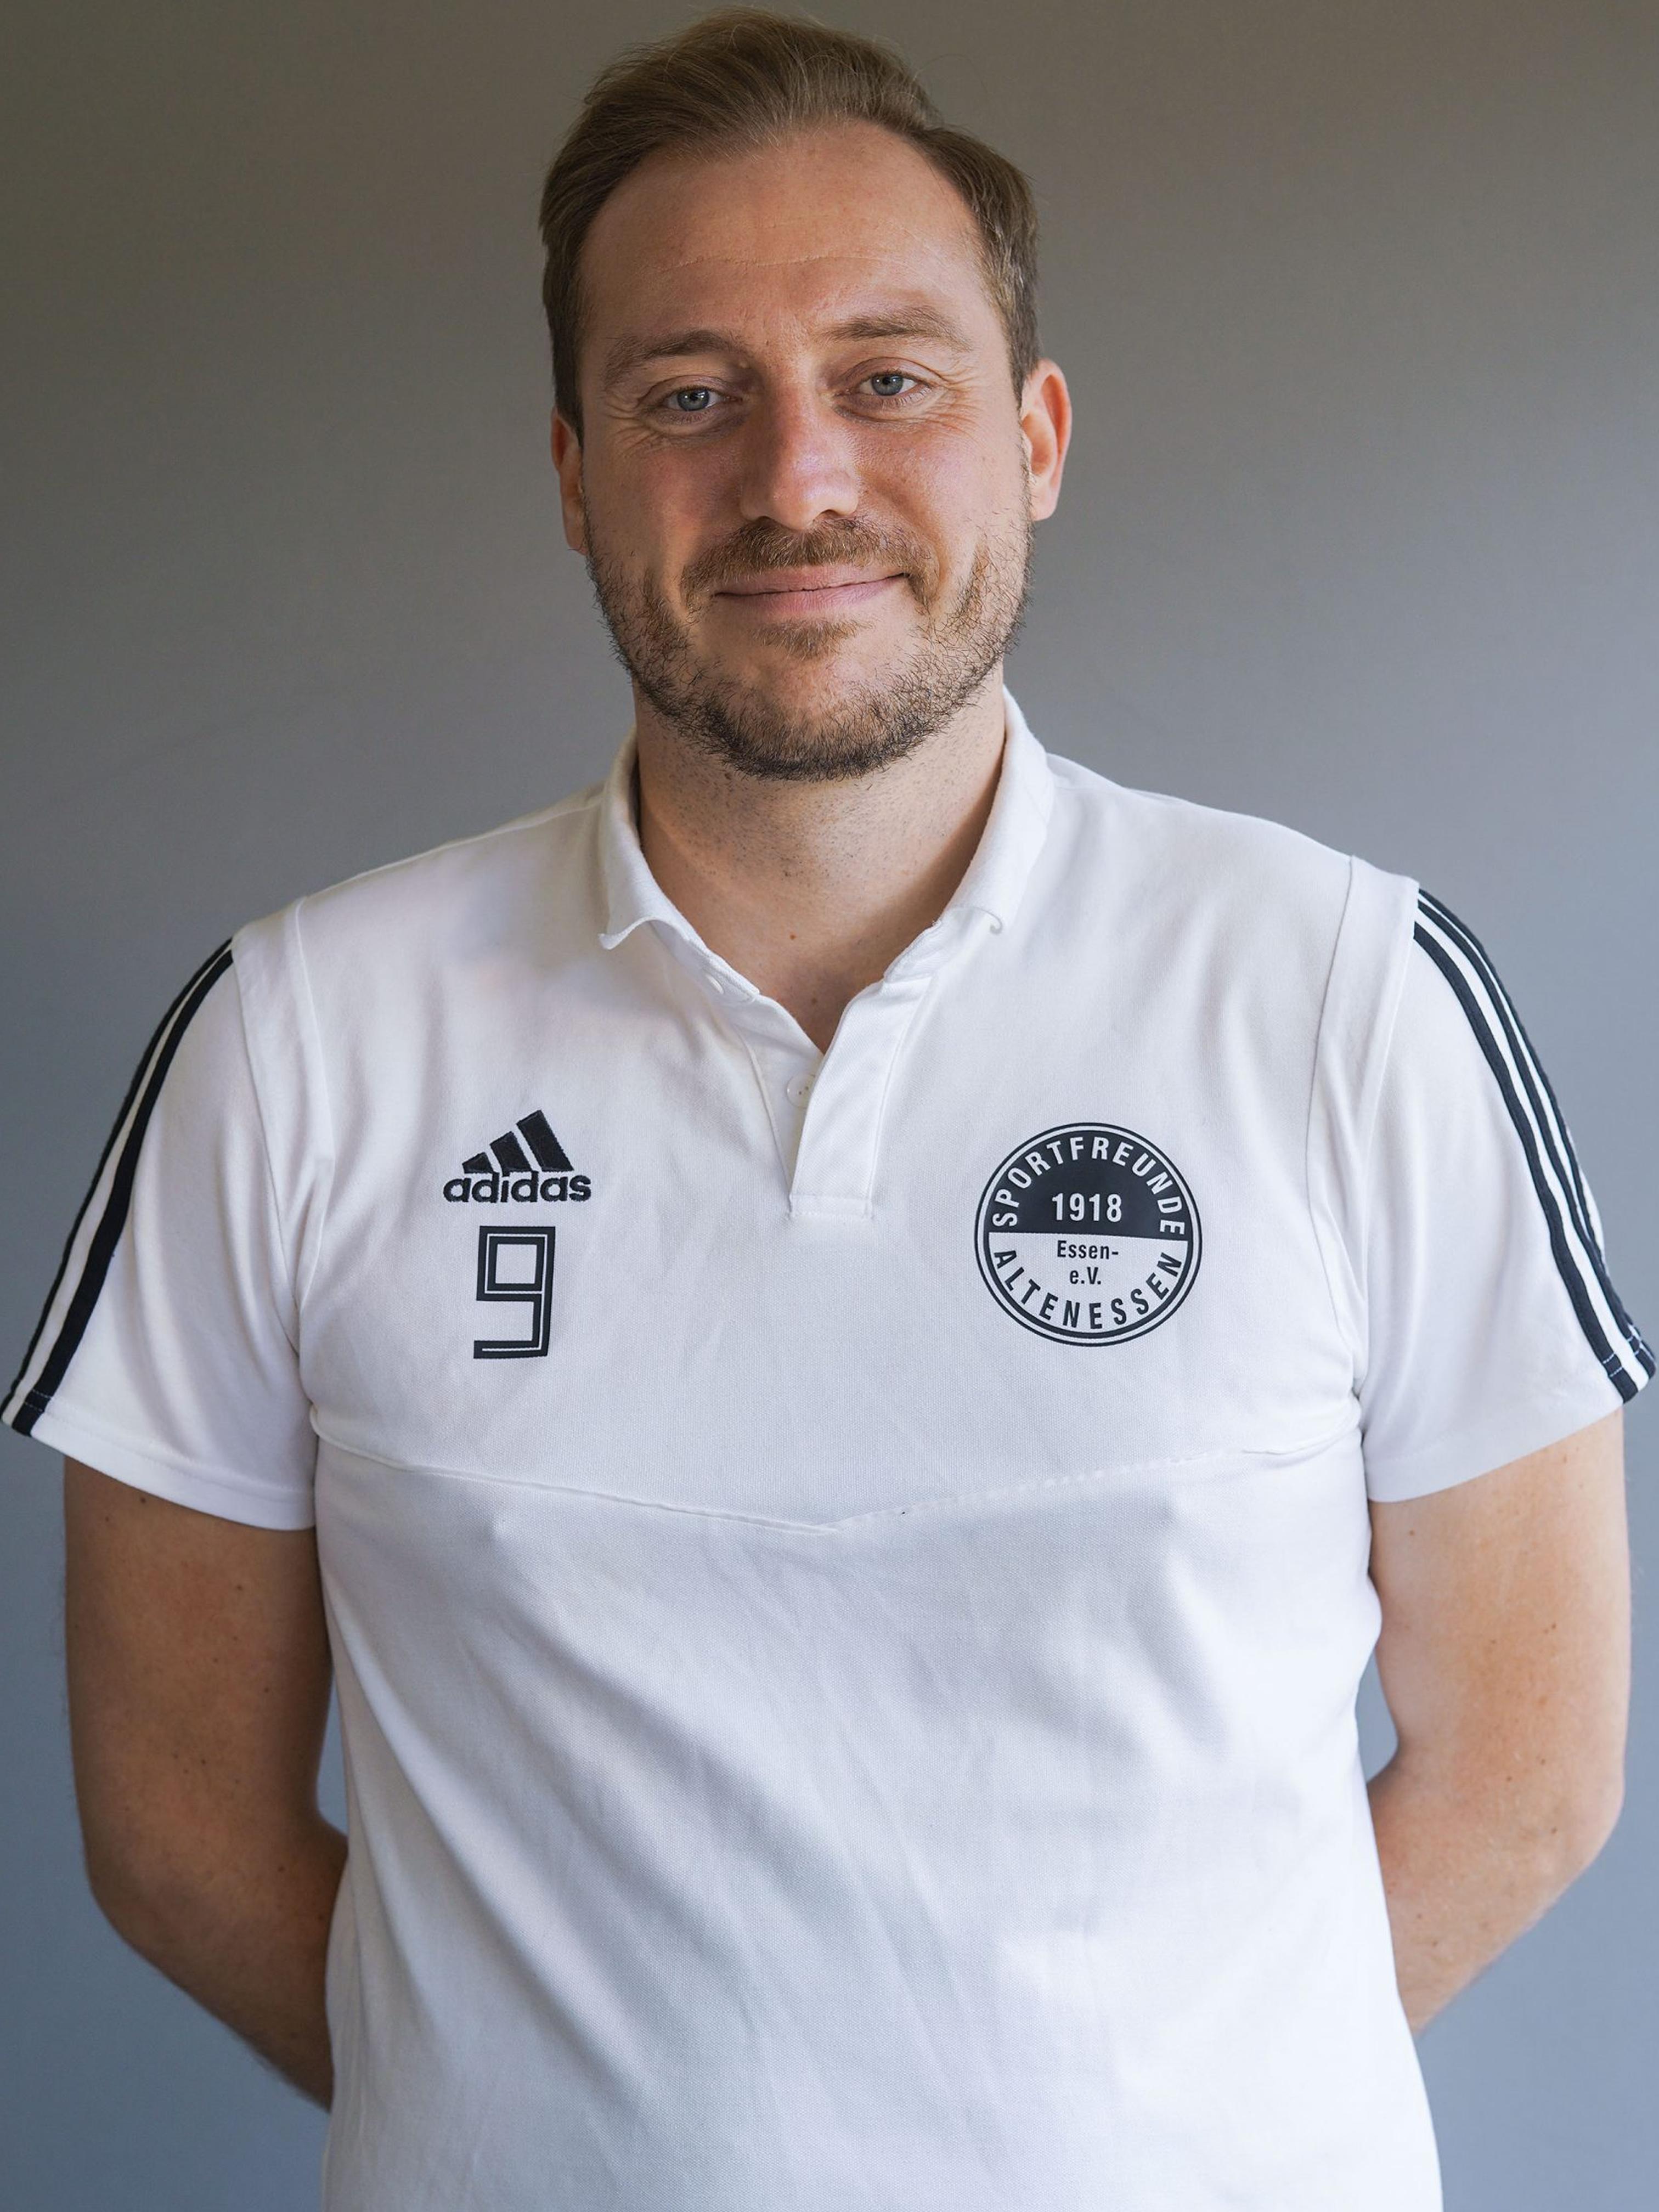 Dennis Schmitz